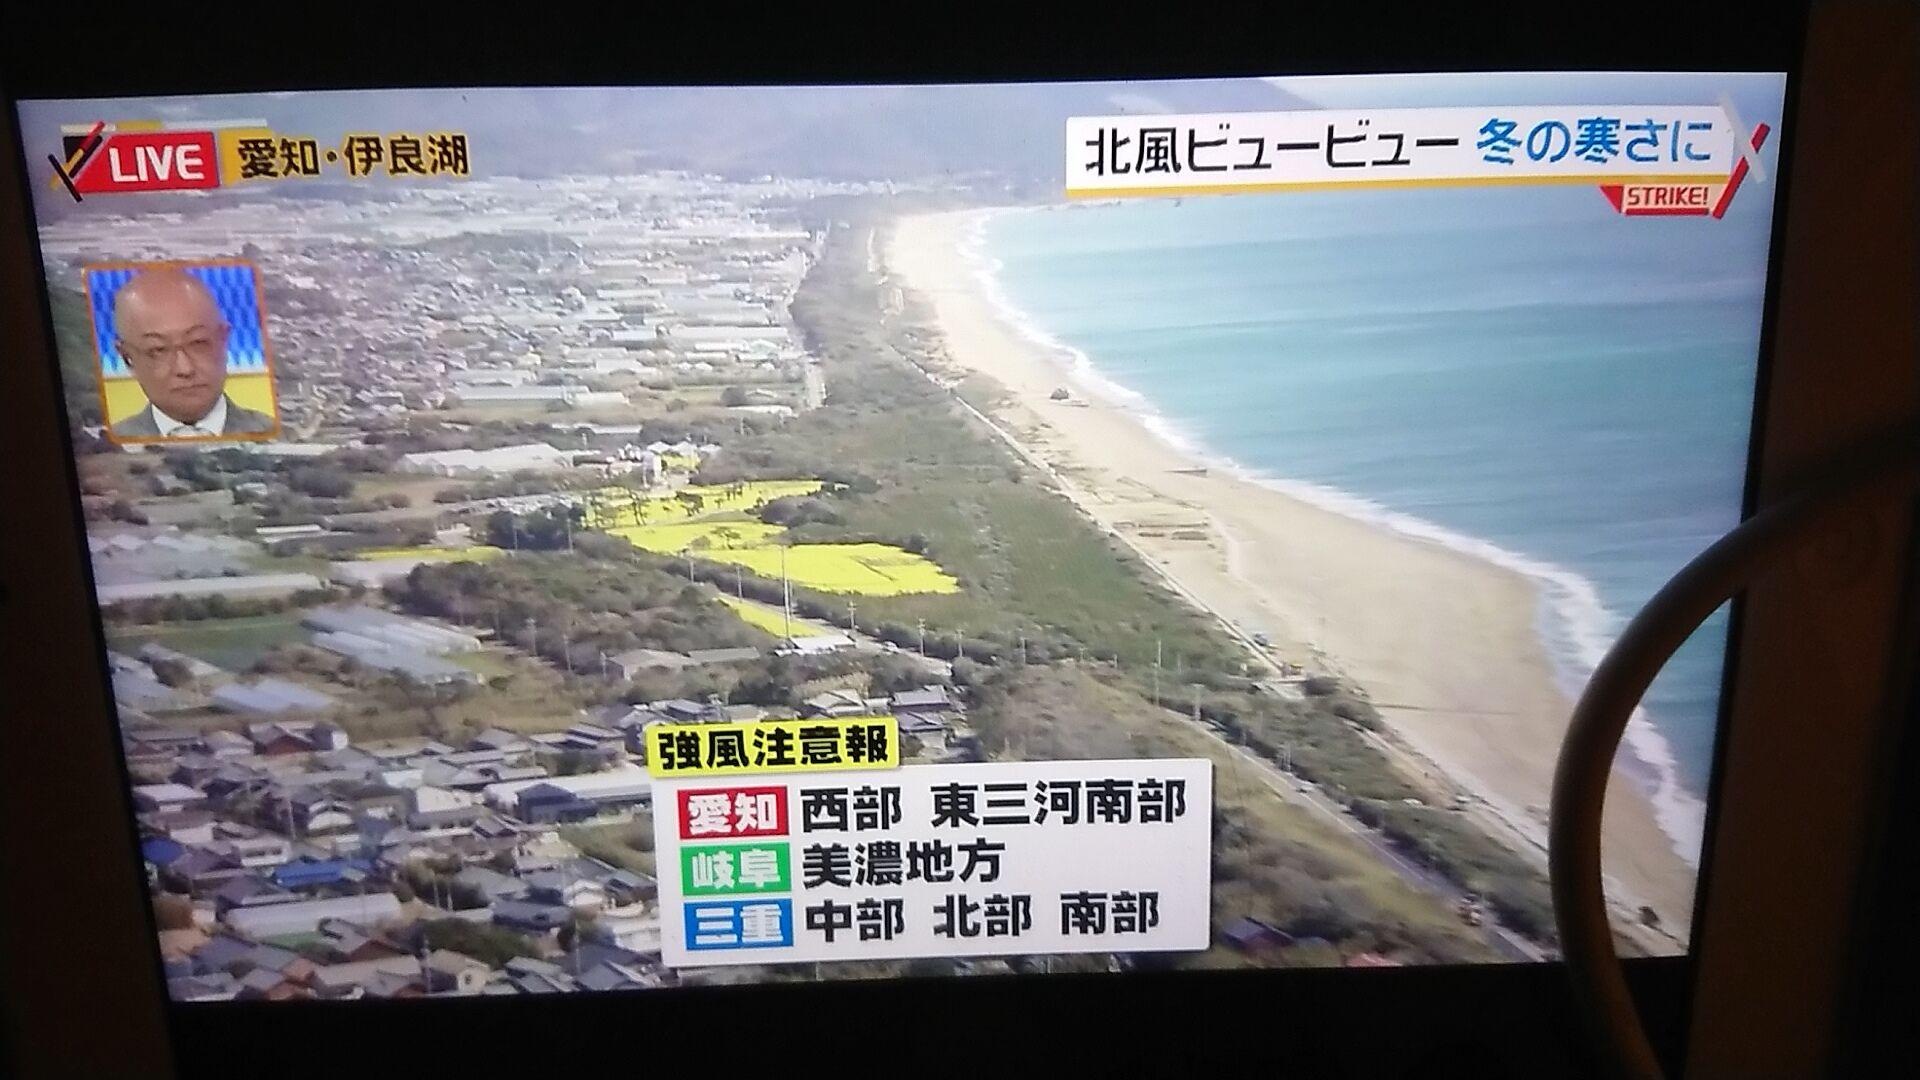 県 愛知 名古屋 予報 市 天気